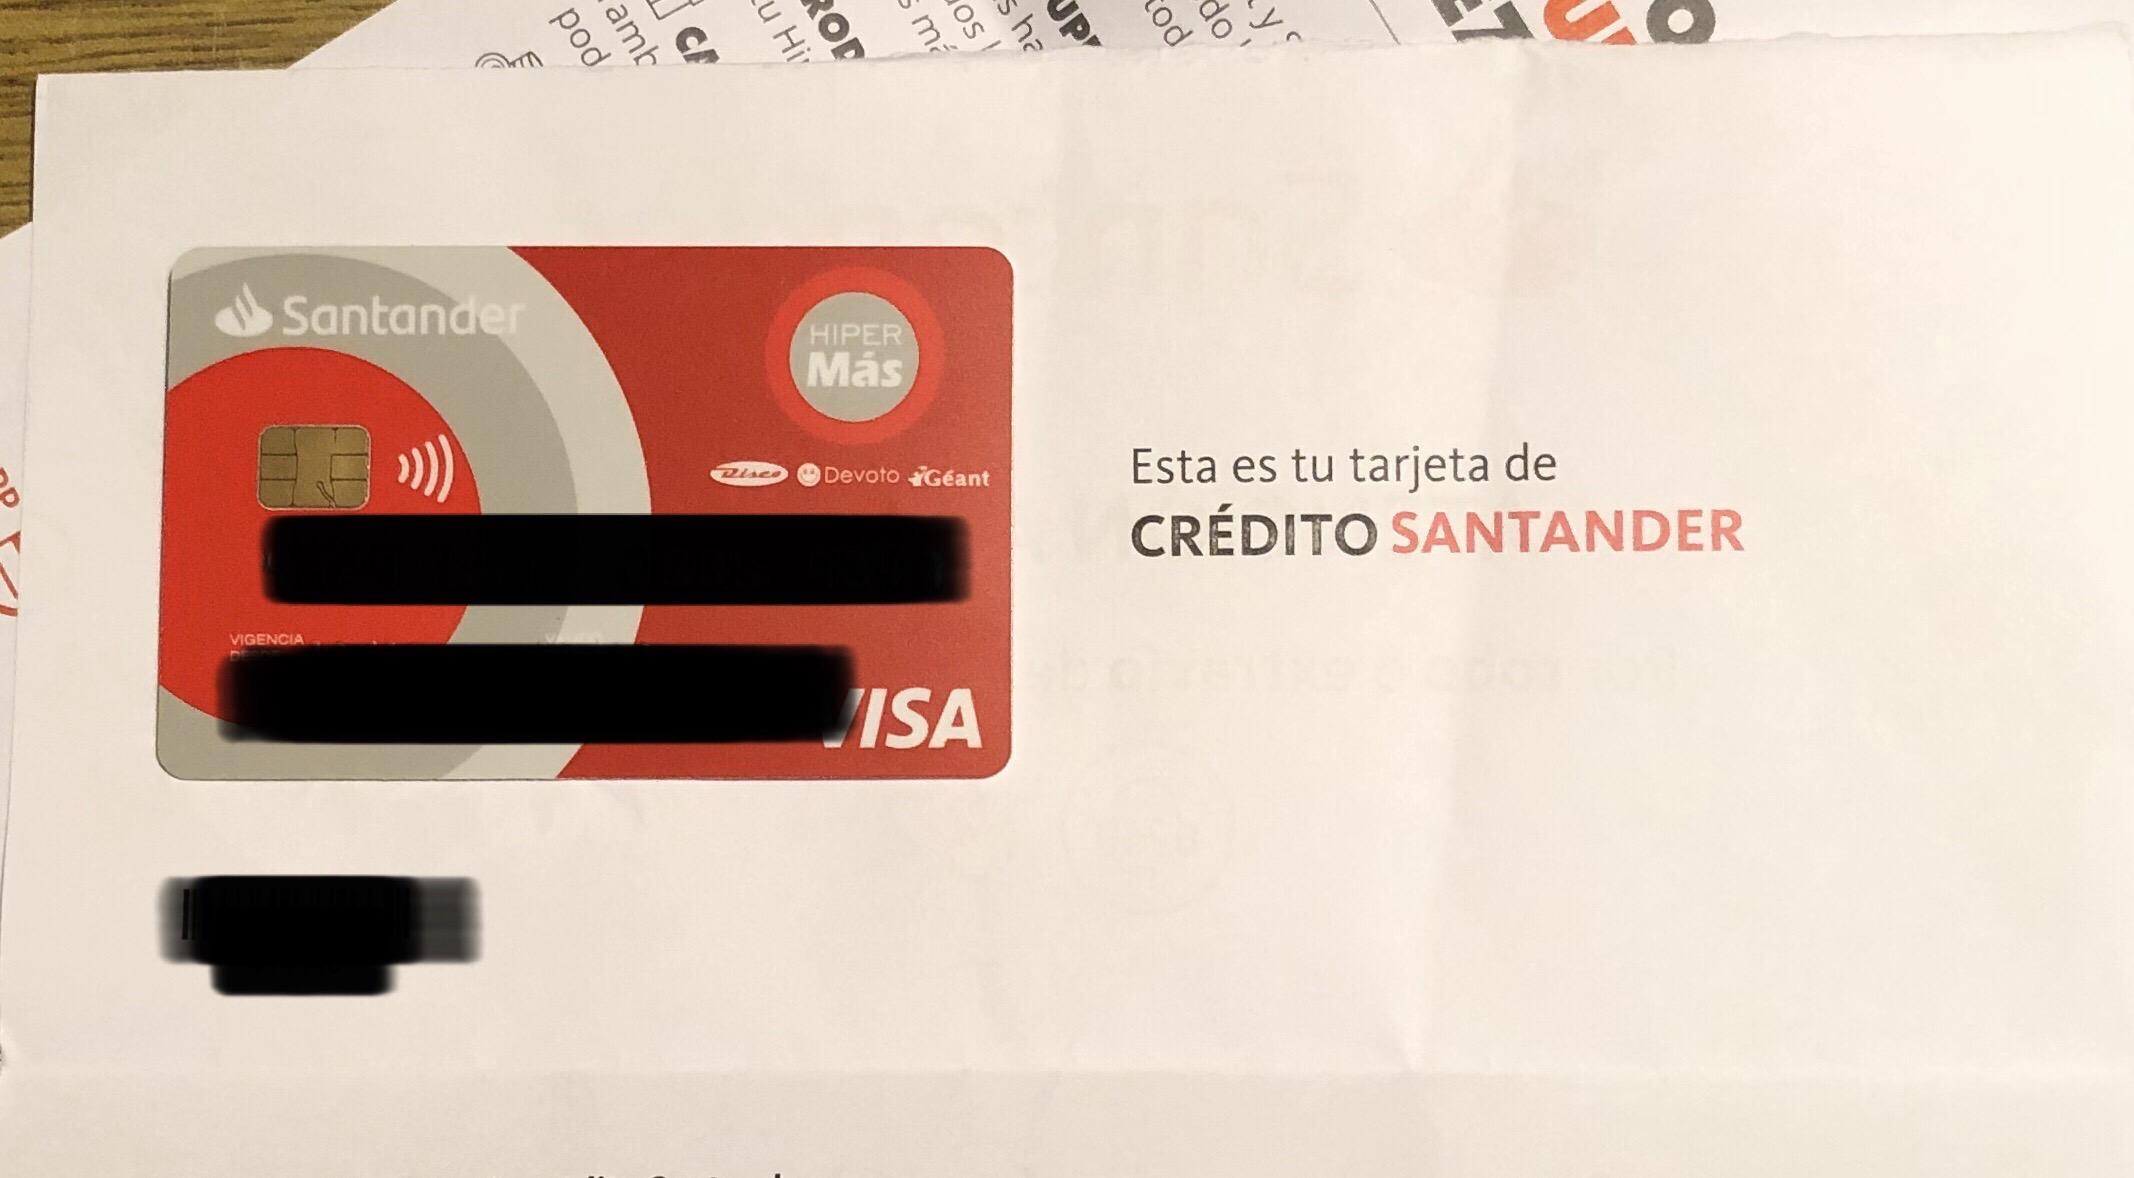 Santander Visa Hipermás